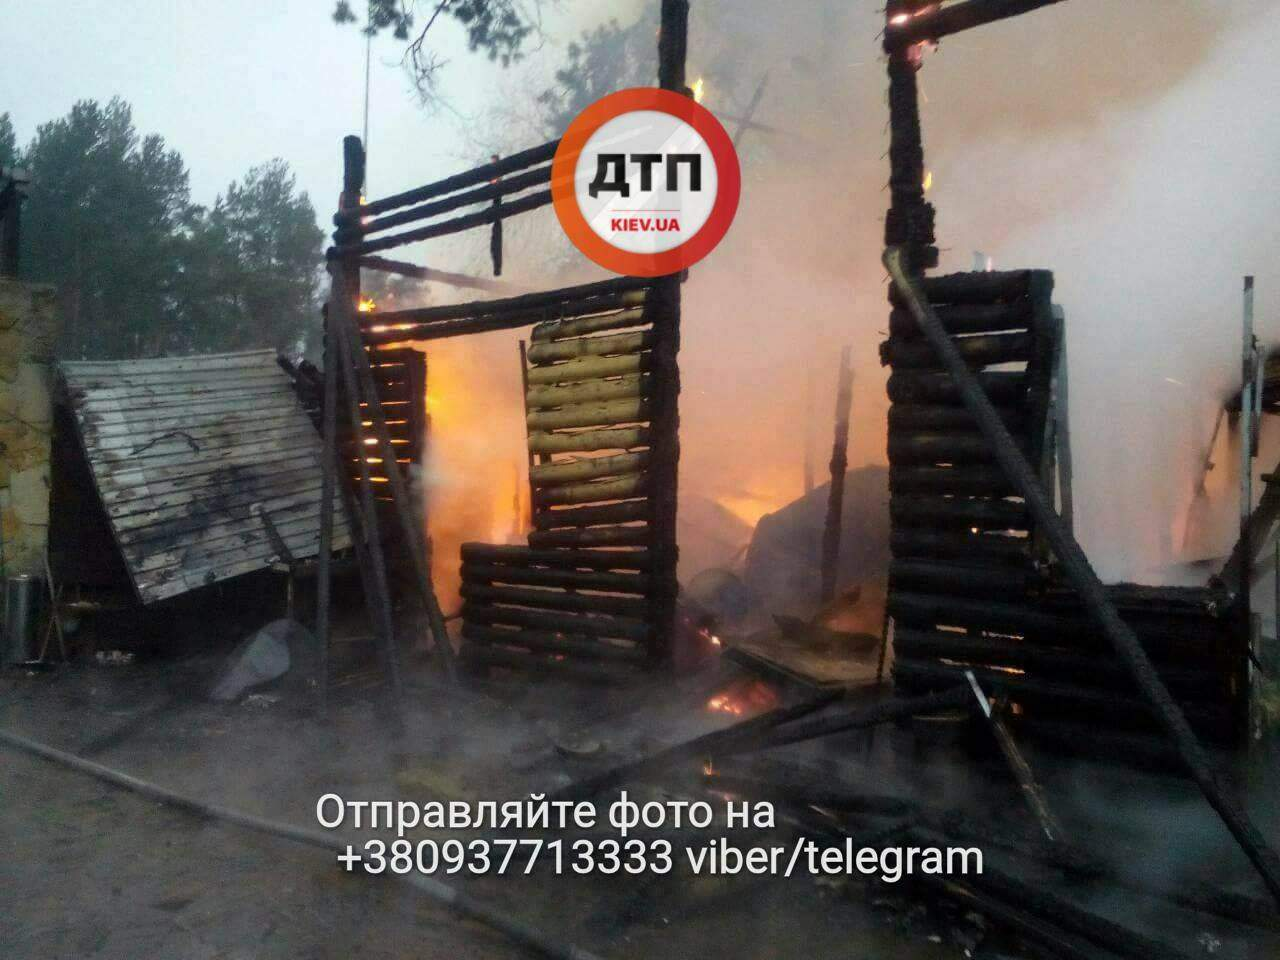 В Киеве на Новообуховской трассе горел ресторан (фото)